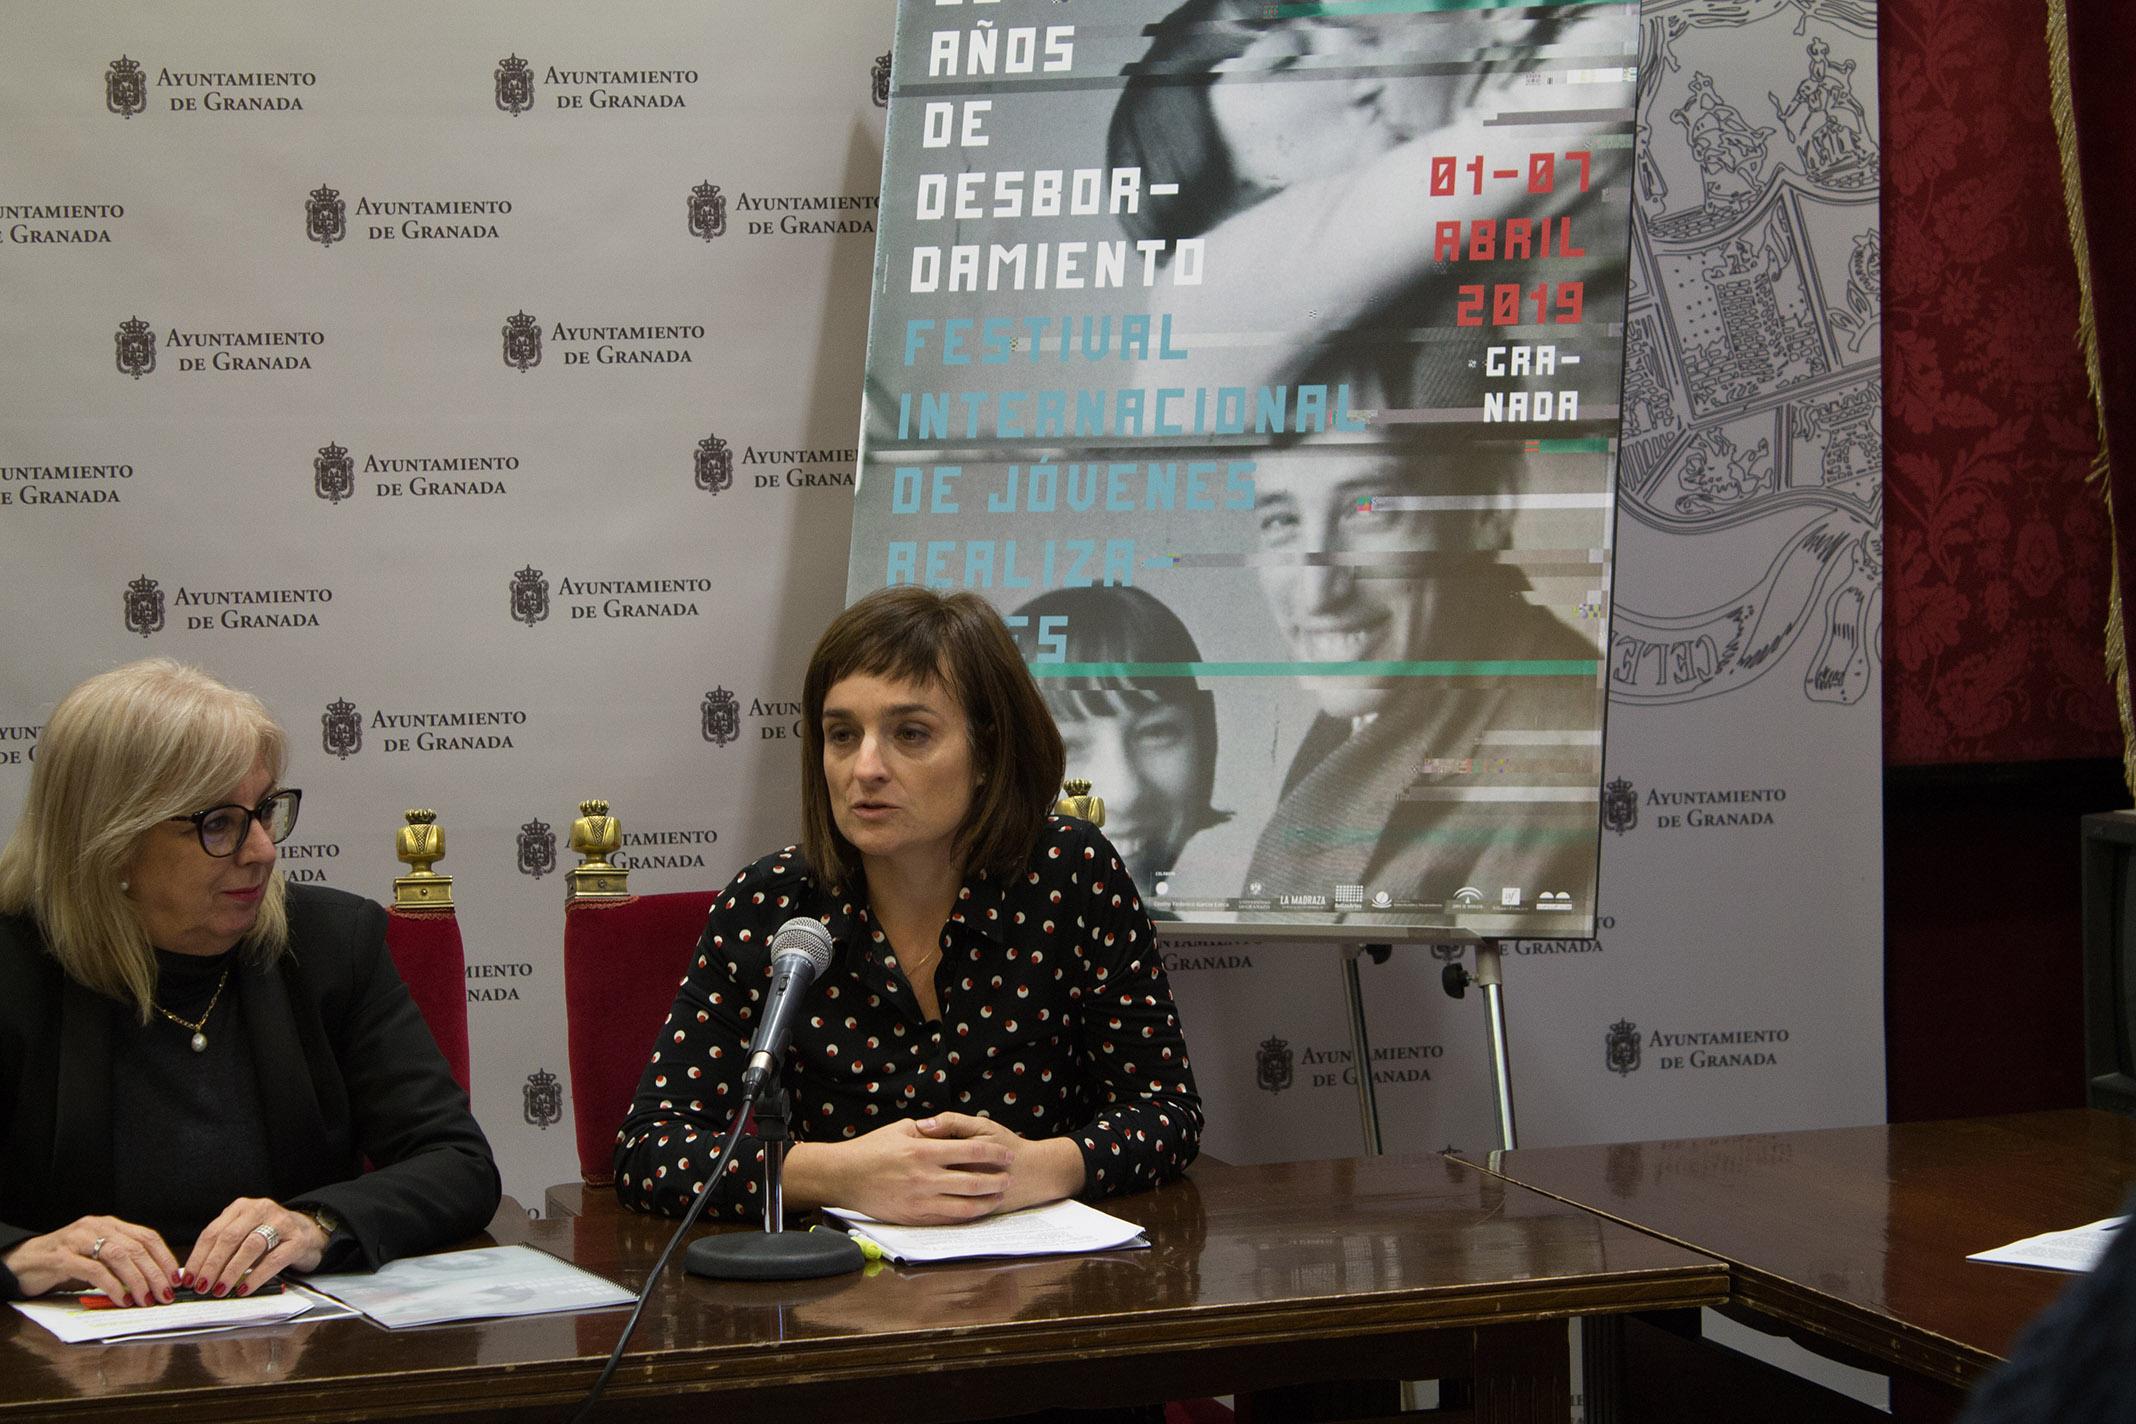 El Festival Internacional de Jóvenes Realizadores prepara su 25 aniversario